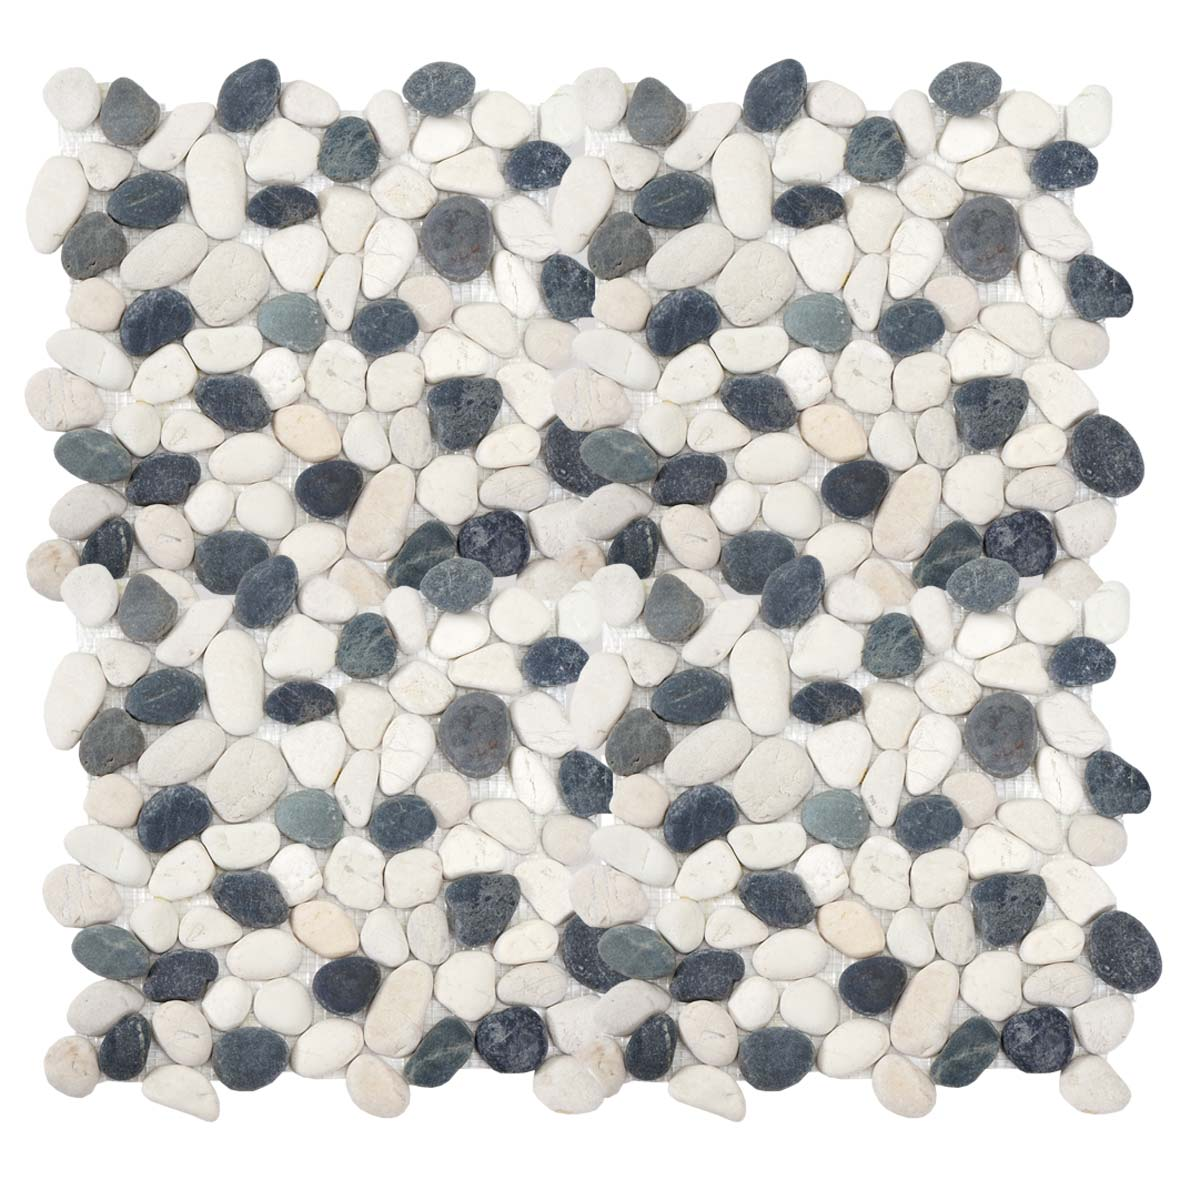 1qm Steinfliesen Leon H689 Naturstein-Fliese Kieselsteine 11 Stück grau-weiß